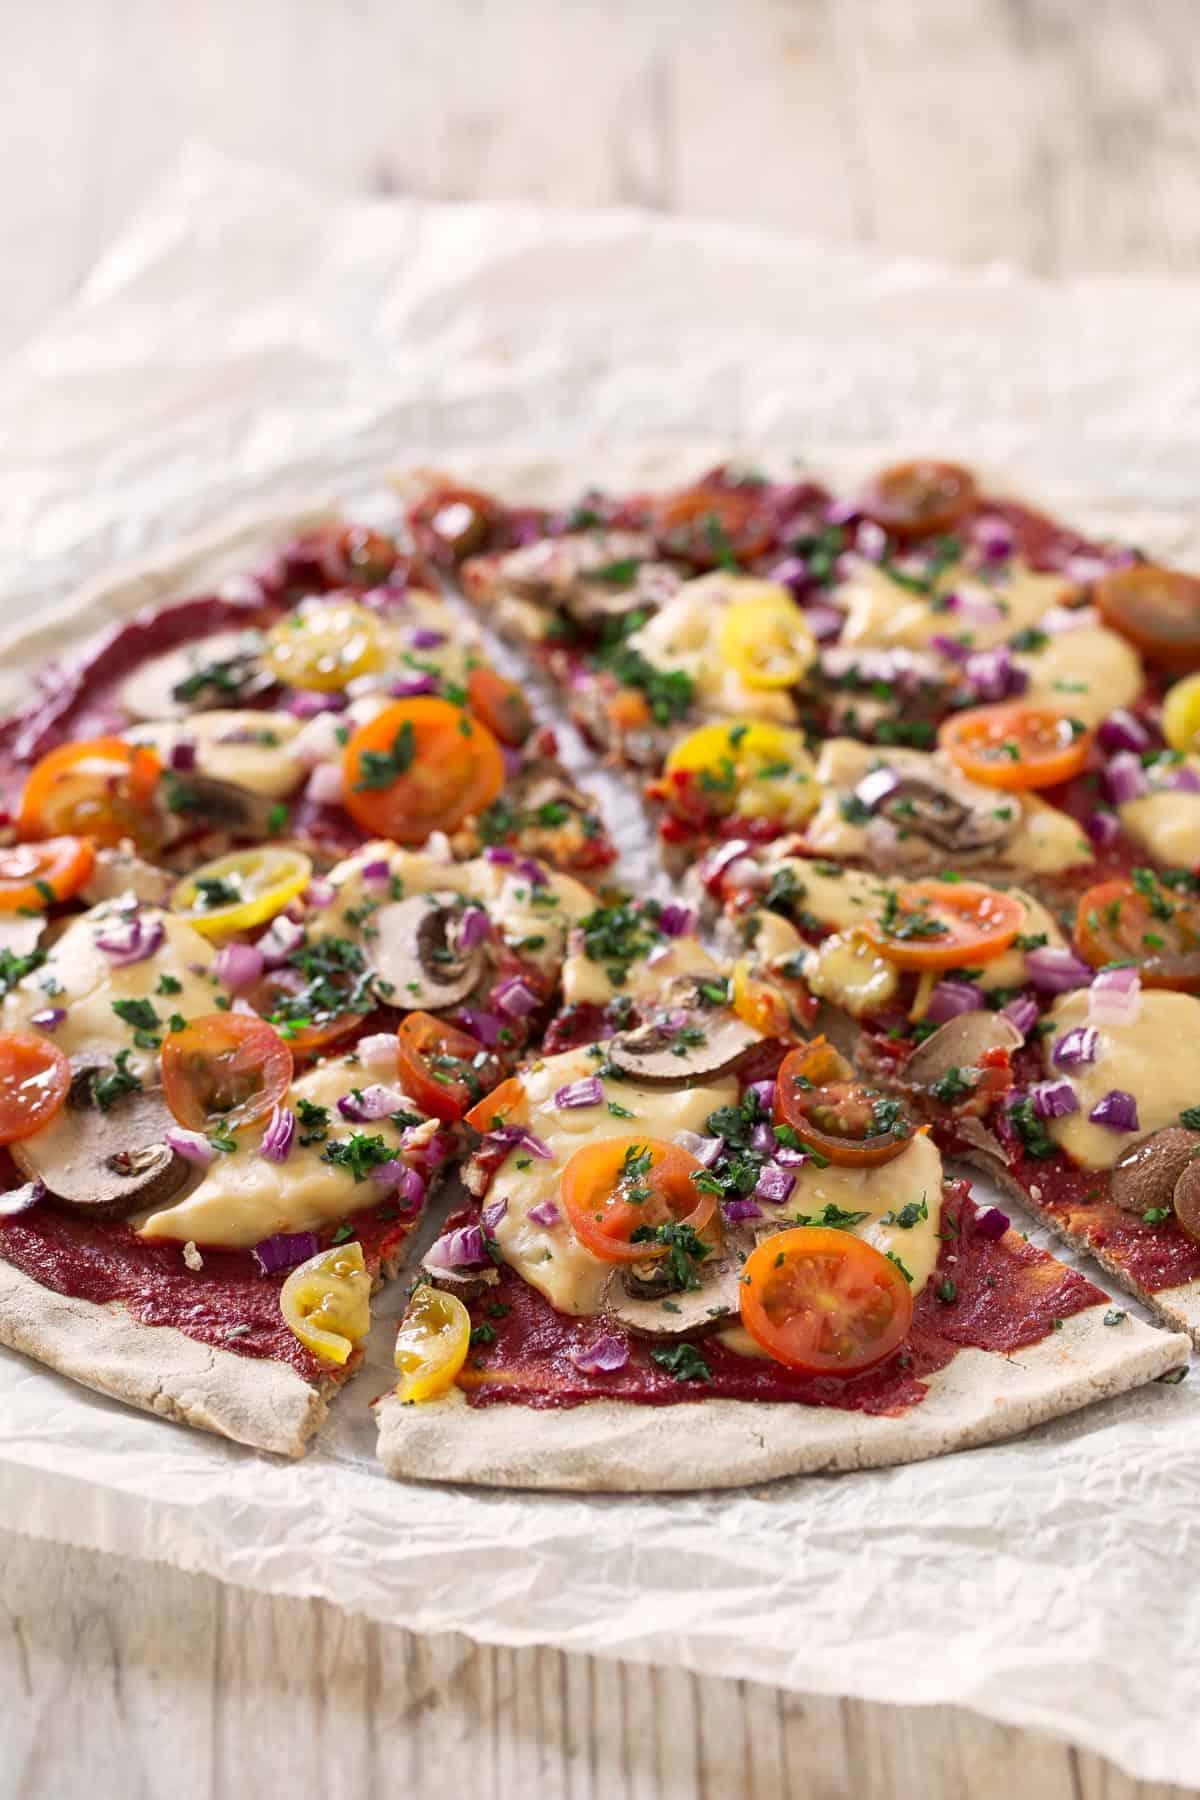 Mozzarella Vegana Baja en Grasa.- No sé cómo me gusta más comer esta mozzarella vegana baja en grasa, si fría o caliente. Está deliciosa en pizzas y con pan y es la más sana que he probado.